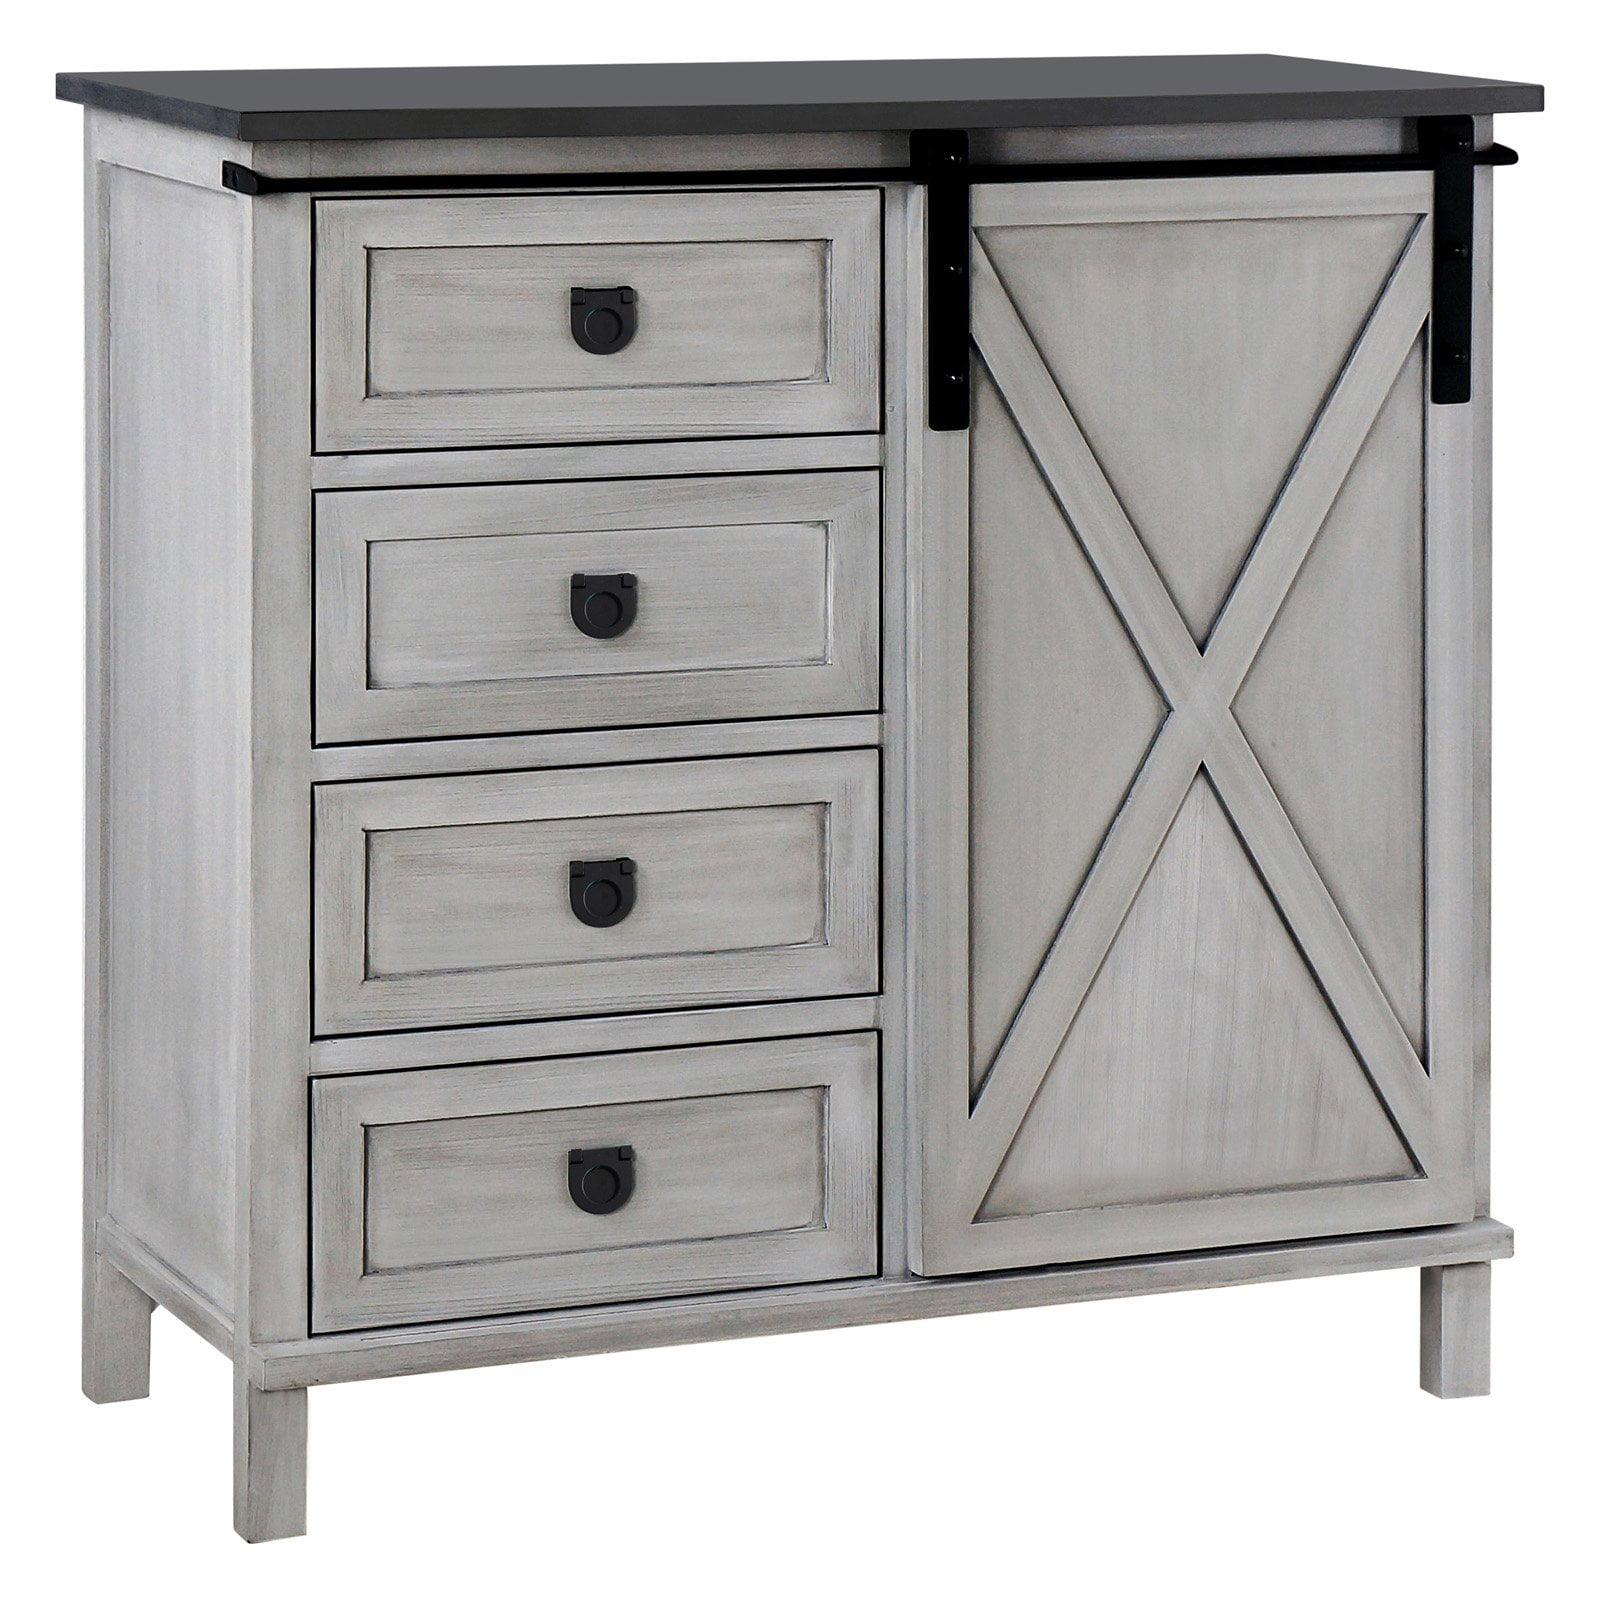 Gallerie Decor Framingham Farmhouse 4 Drawer Cabinet